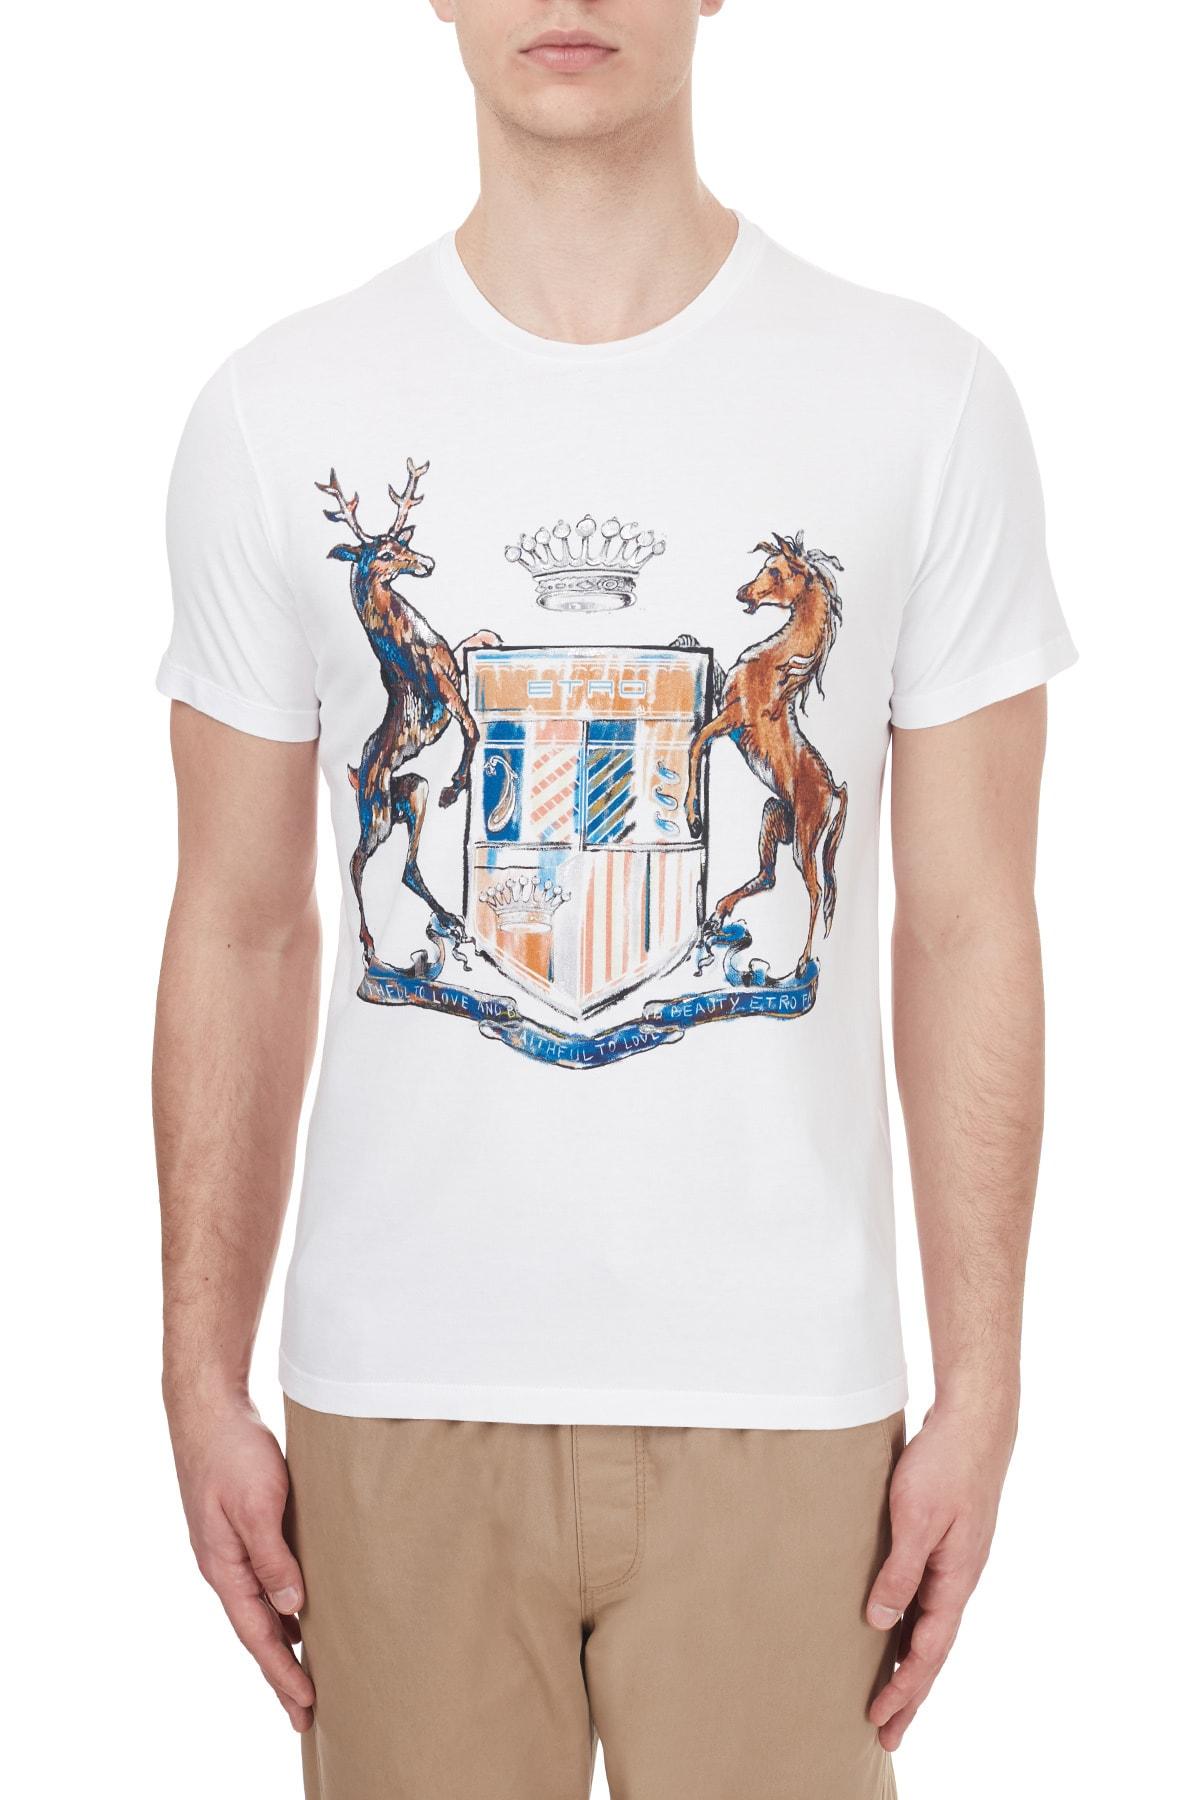 ETRO Pamuklu Baskılı Bisiklet Yaka T Shirt Erkek T Shirt 1y020 9759 0990 1